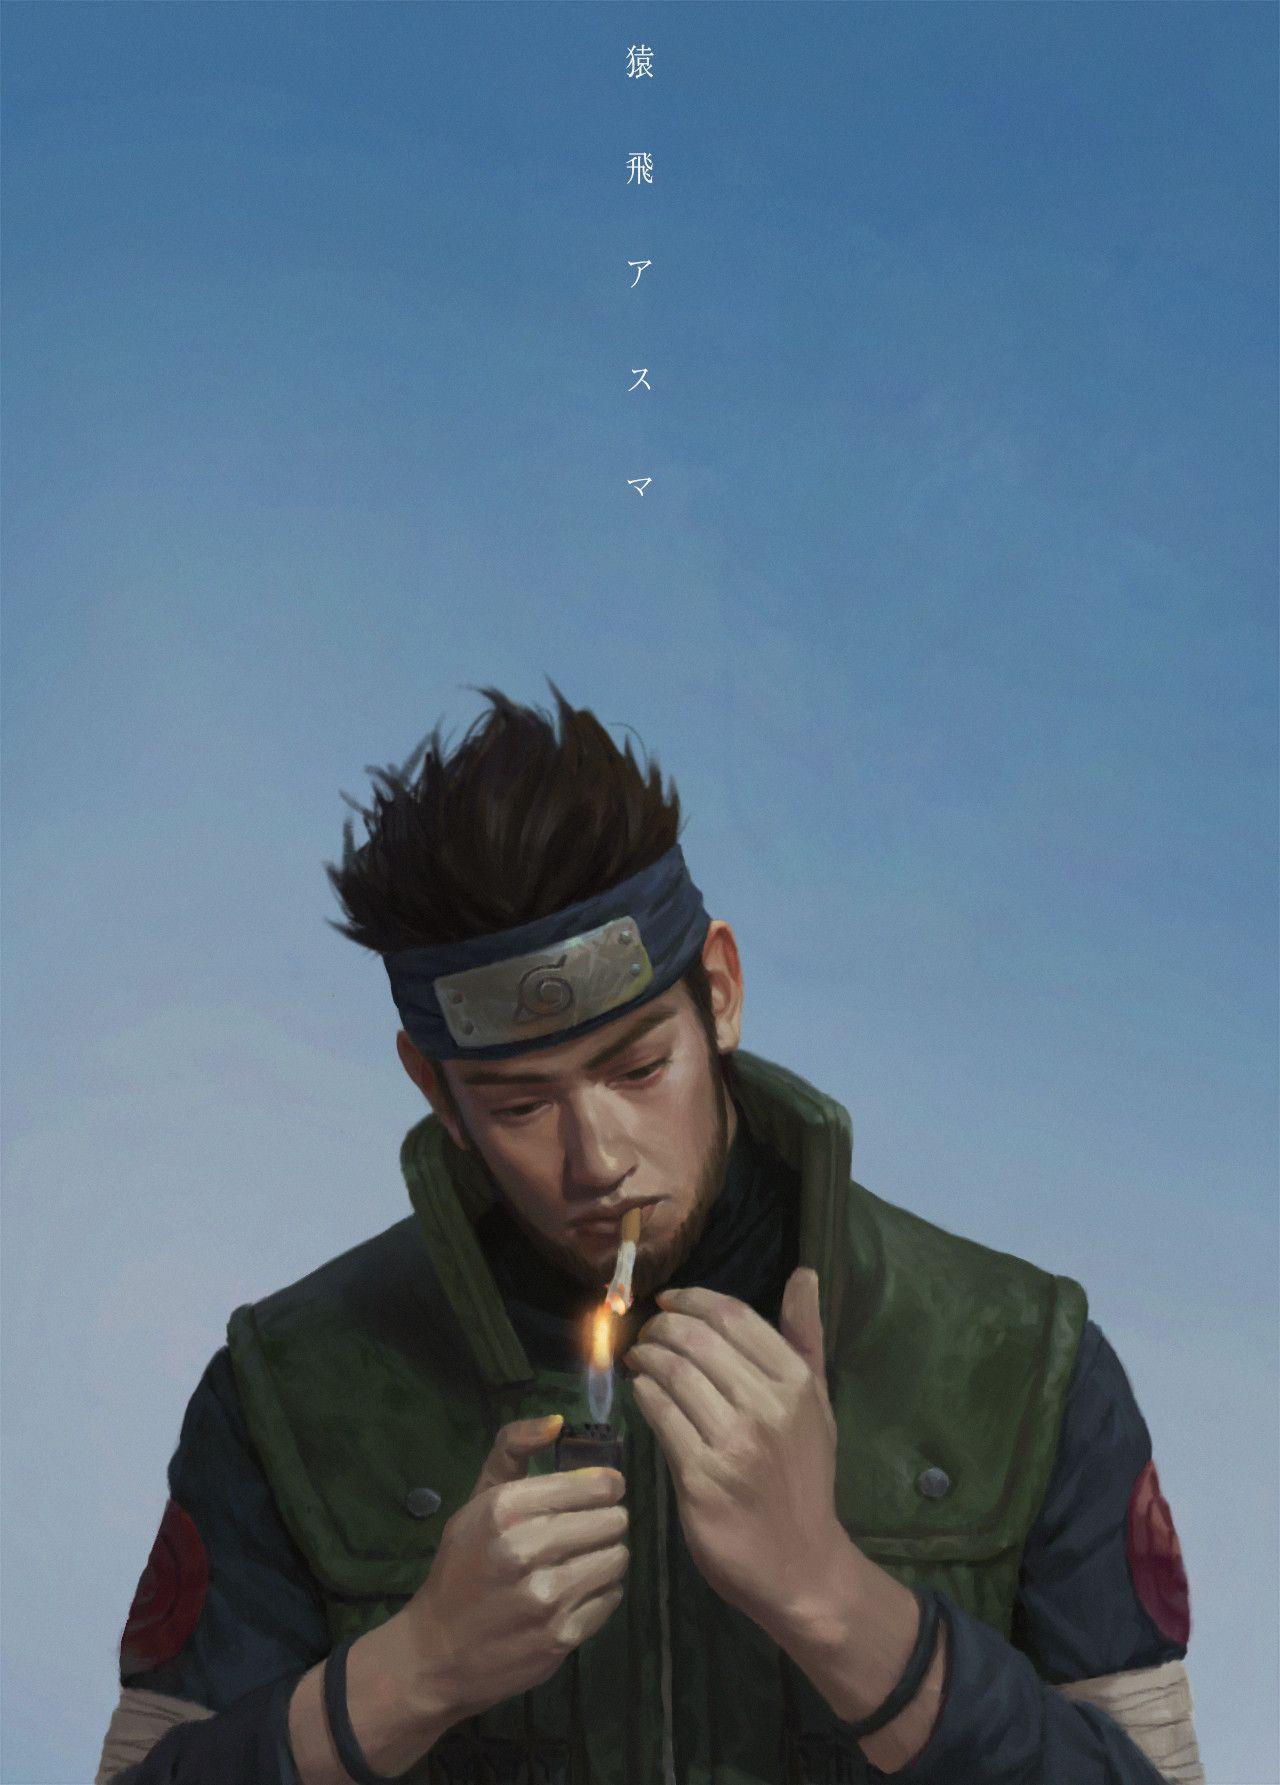 烟雾缭绕的迷醉感!盘点抽烟最上镜动画角色TOP20